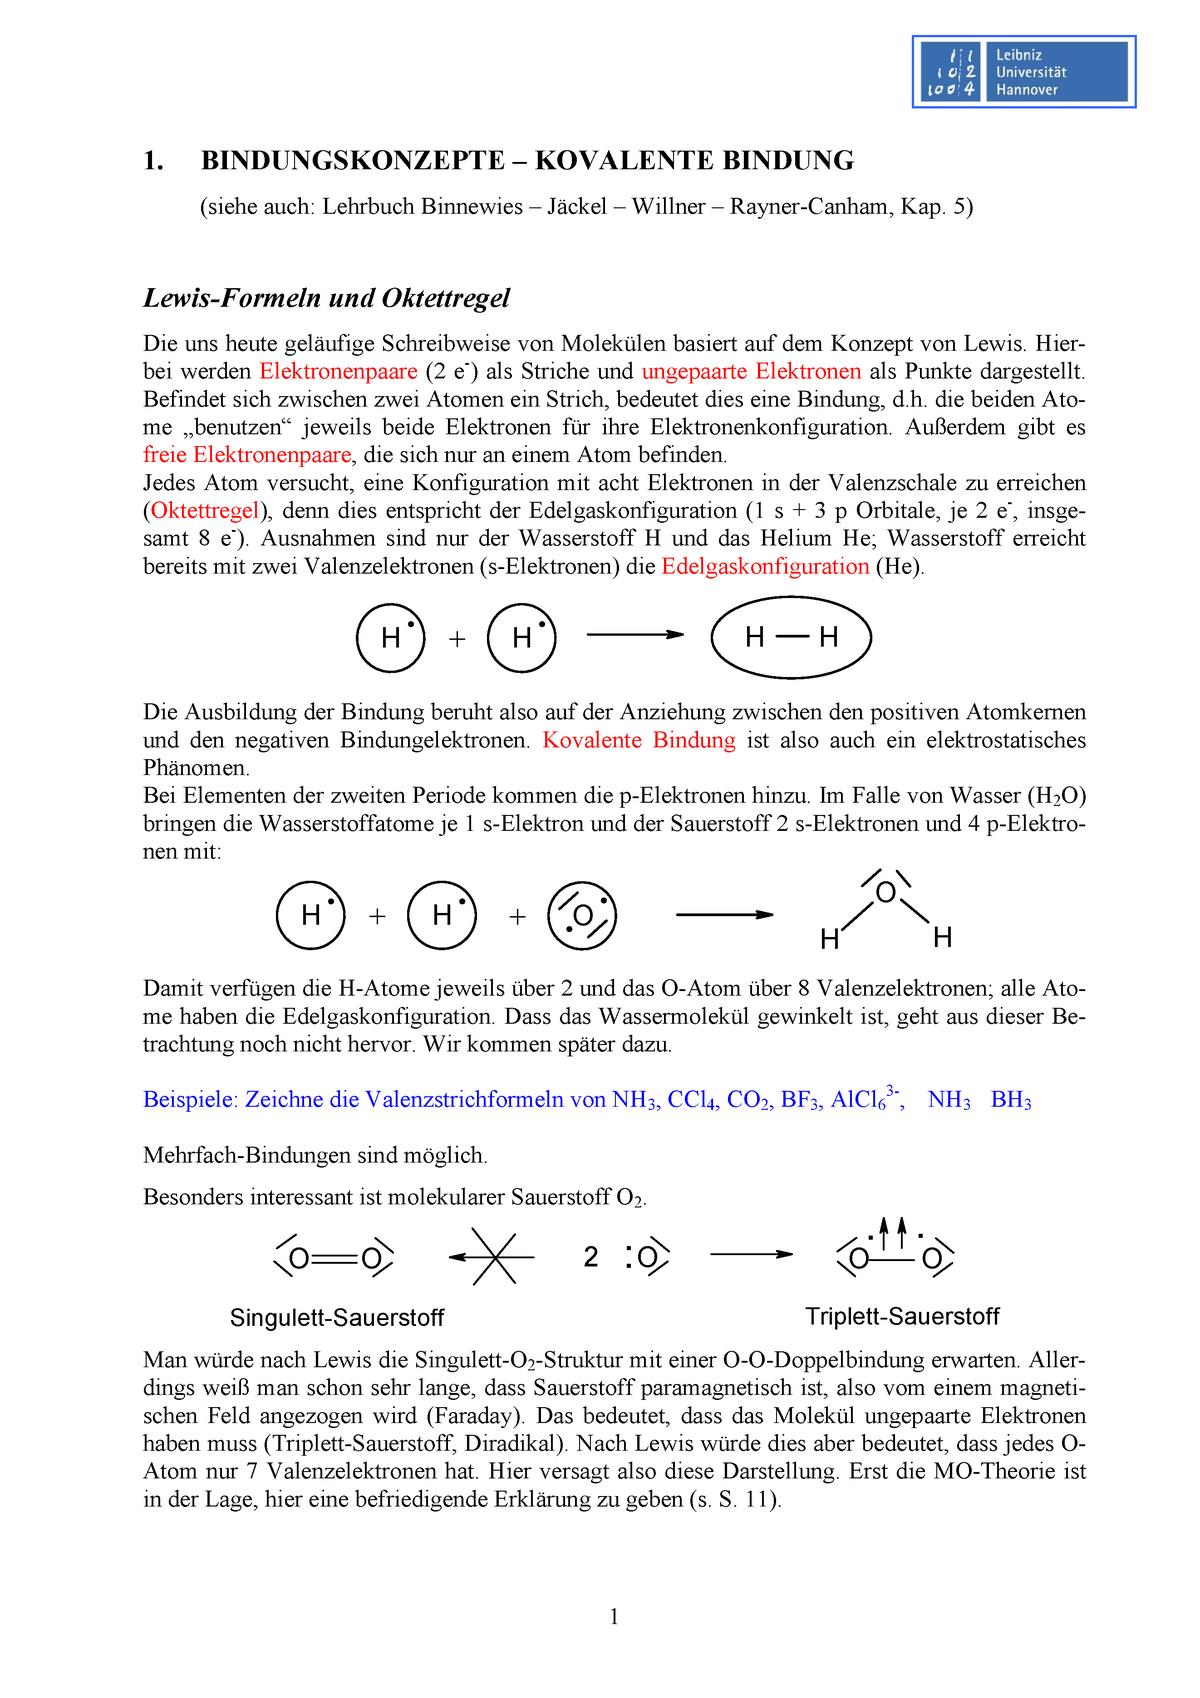 Teil 1: Bindungskonzepte - kovalente Bindung - 14001a - StuDocu